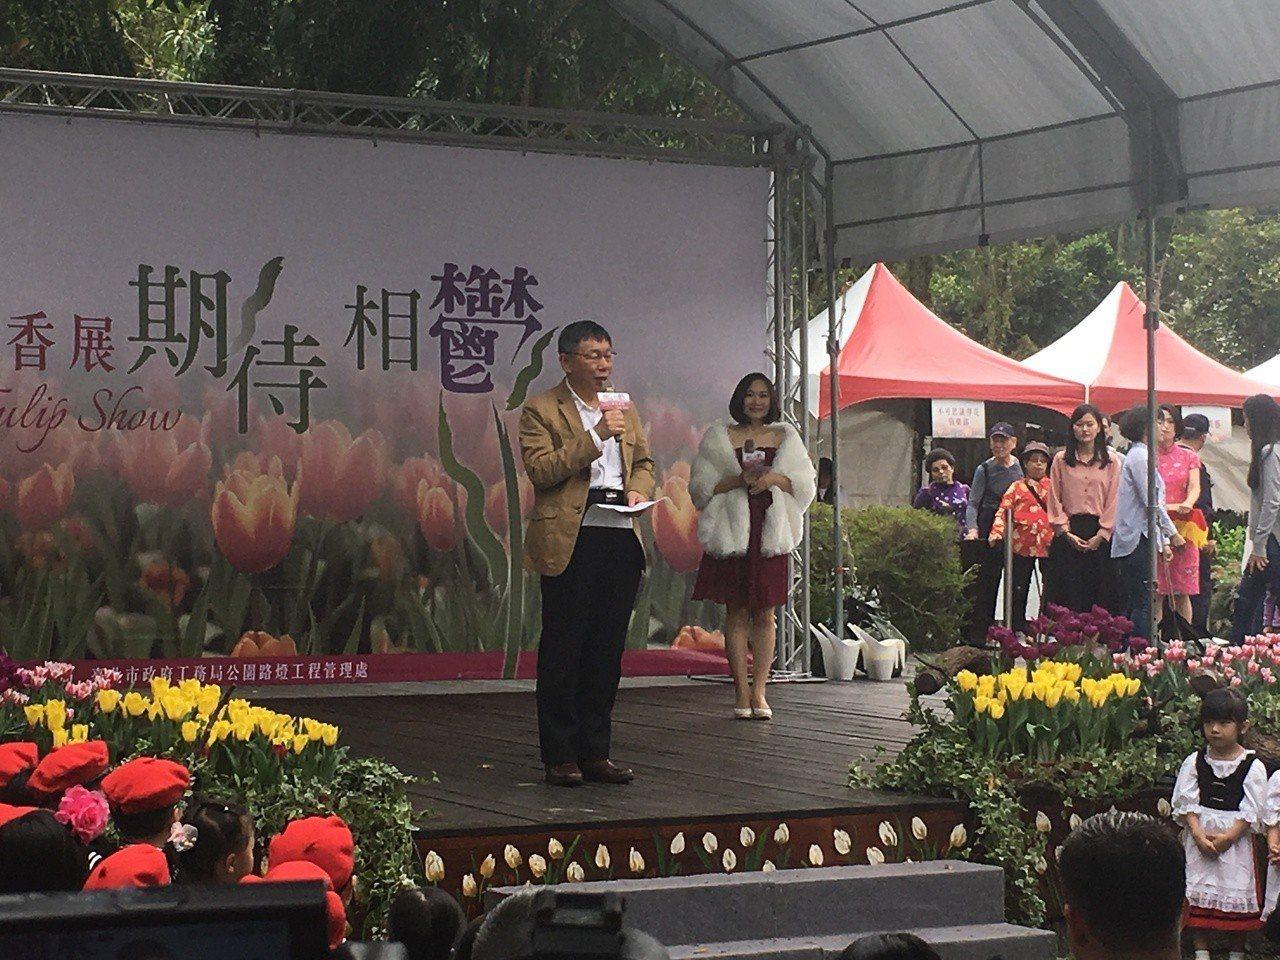 台北市長柯文哲今天出席「2019士林官邸鬱金香展」。記者張世杰/攝影